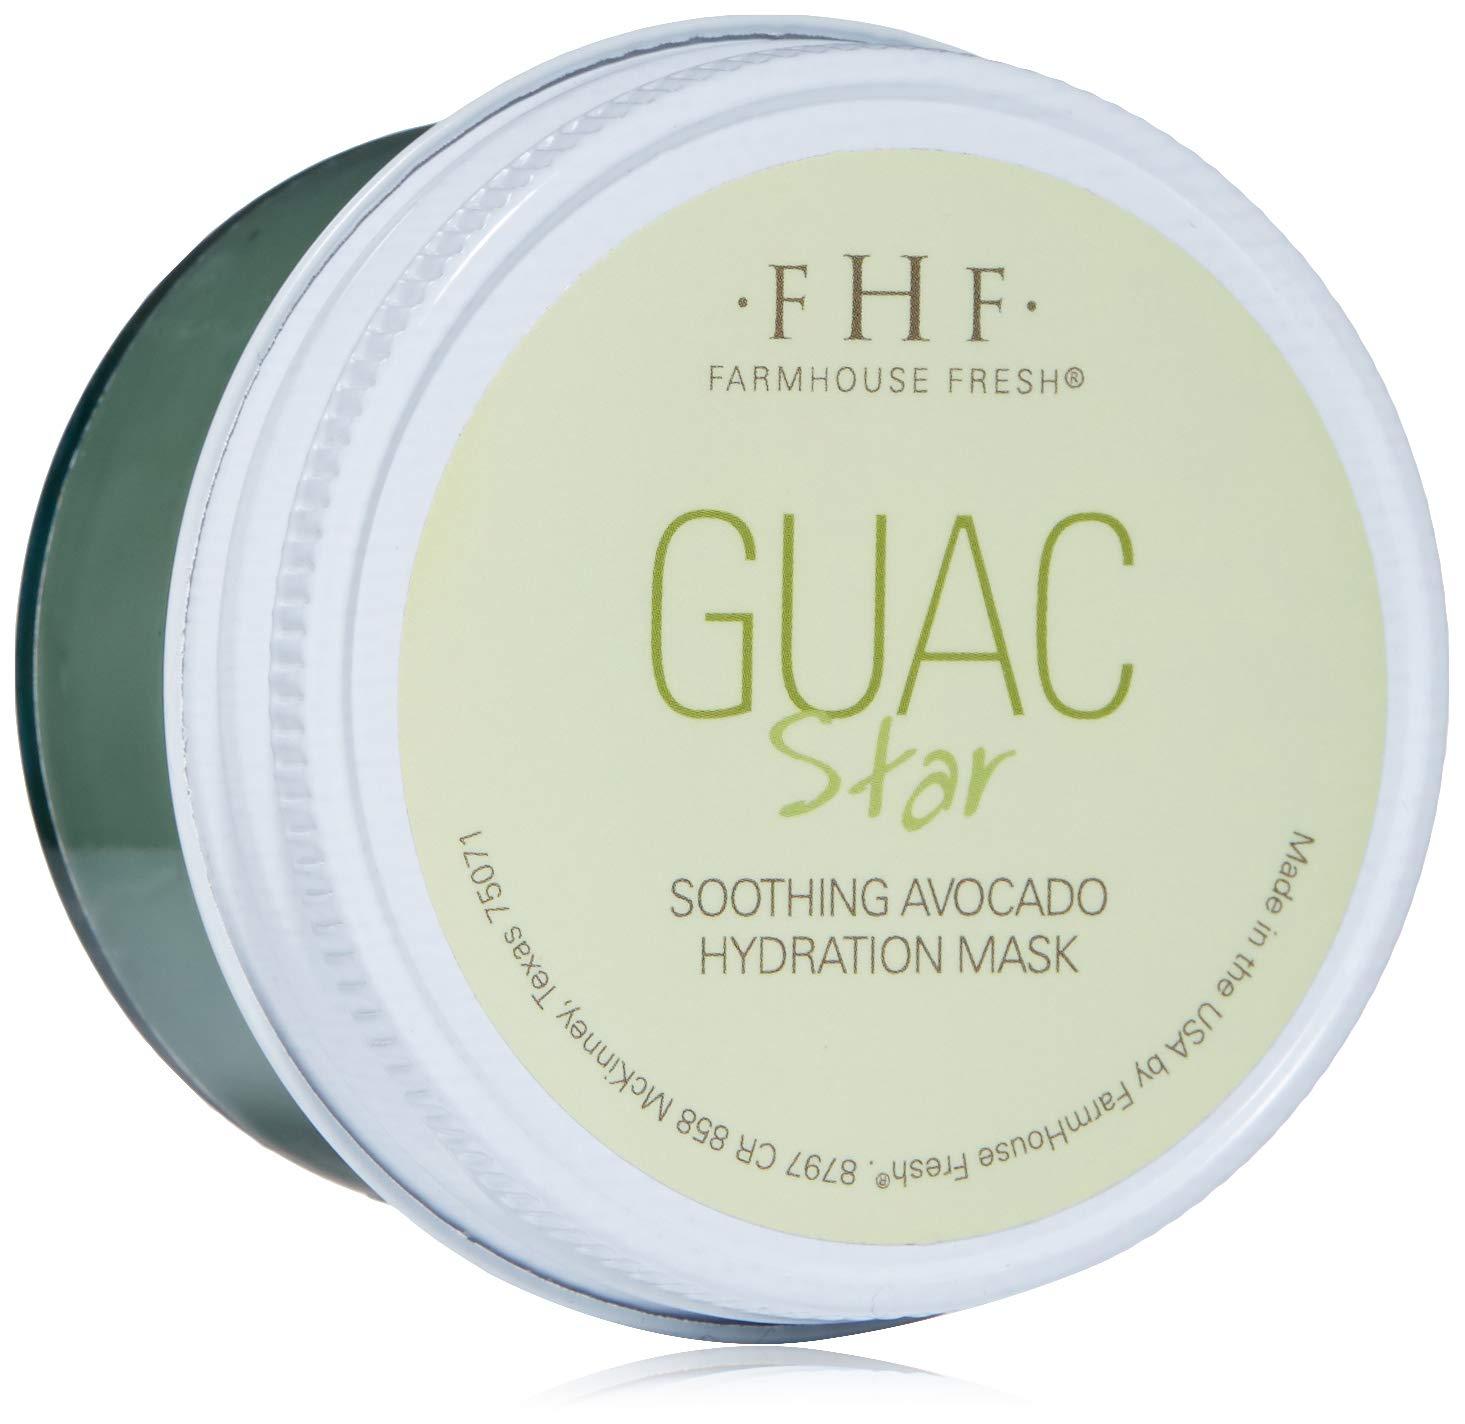 FarmHouse Fresh Guac Star Soothing Avocado Hydration Mask, 3.2 Fl Oz